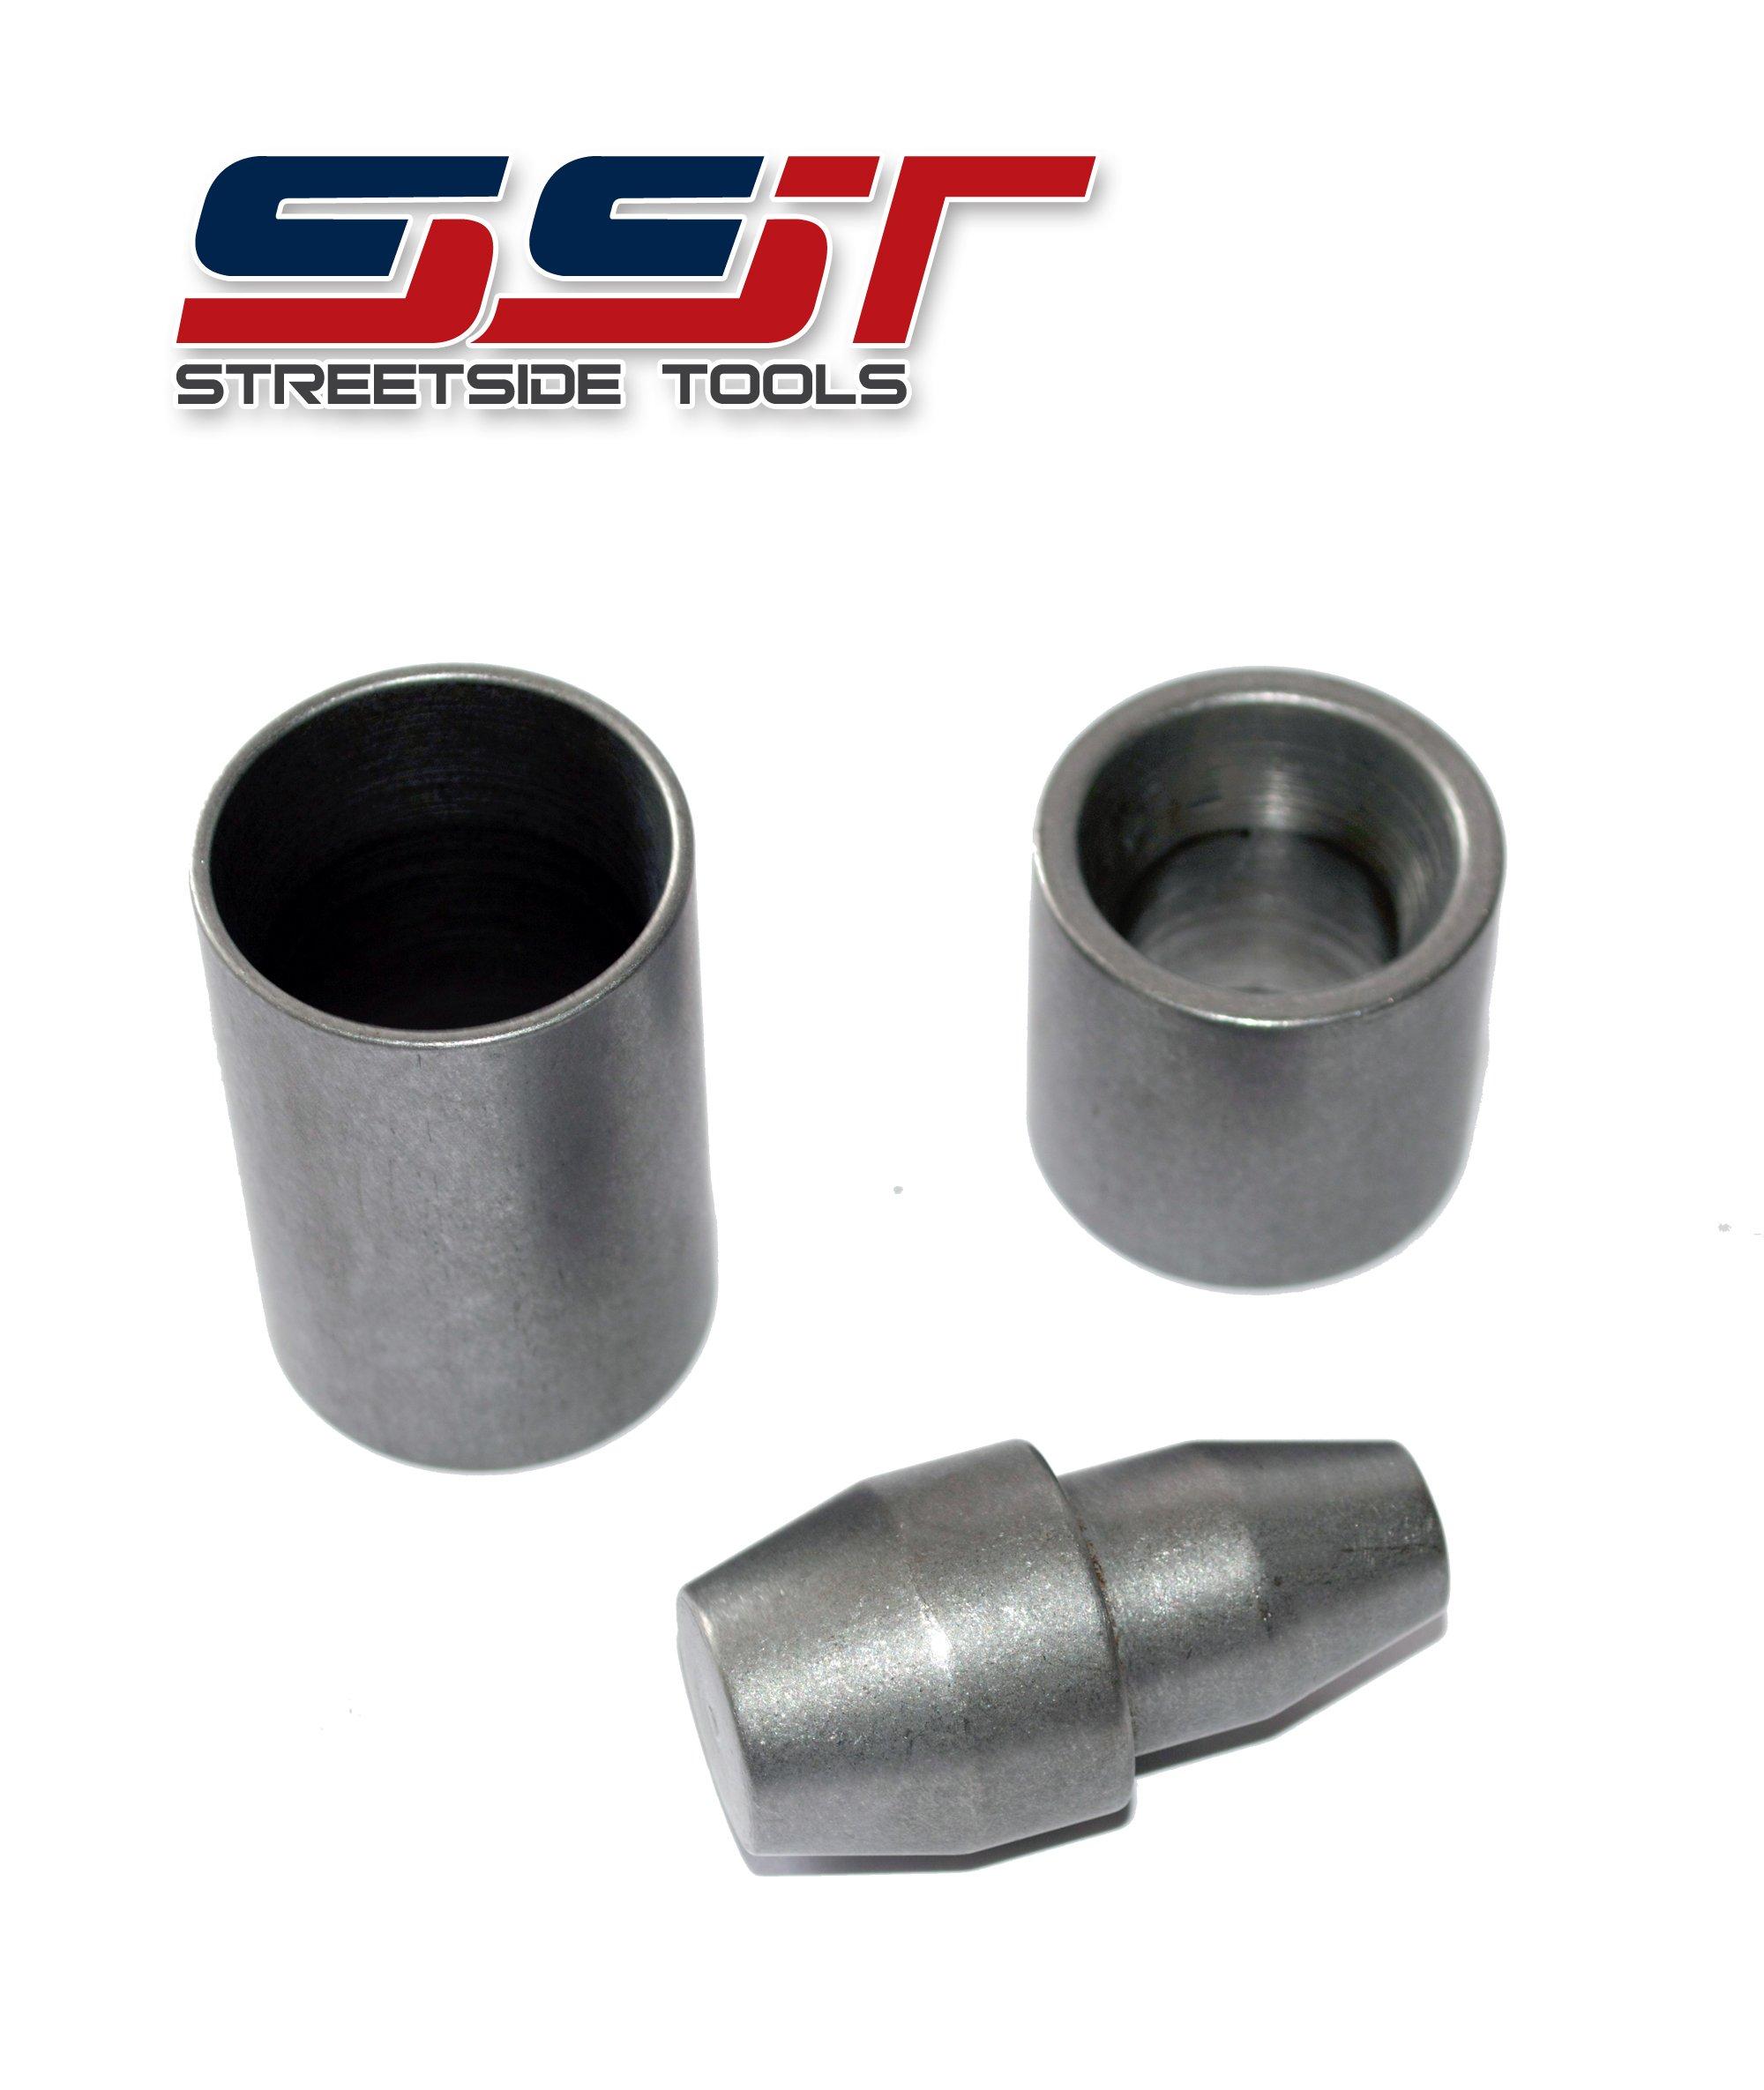 SST-2974 - GM- 4L80E & 4L85E Turbine Shaft Teflon Seal Installer / Expander & Re-Sizing Transmission Tool - 3 Piece Kit